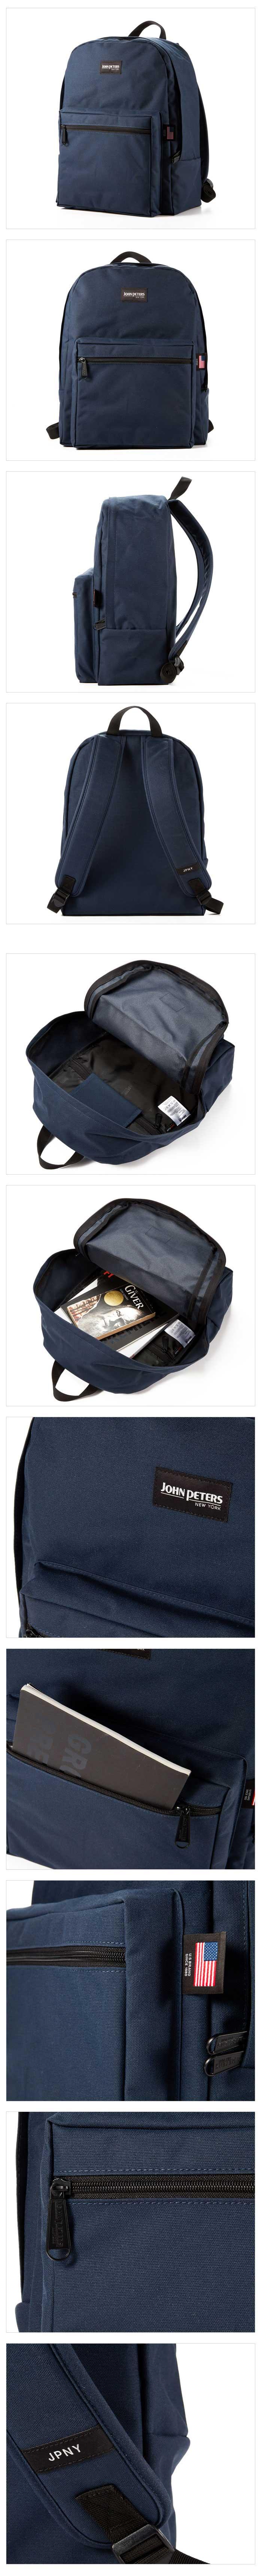 존피터(JOHN PETERS) N1202 남녀공용백팩